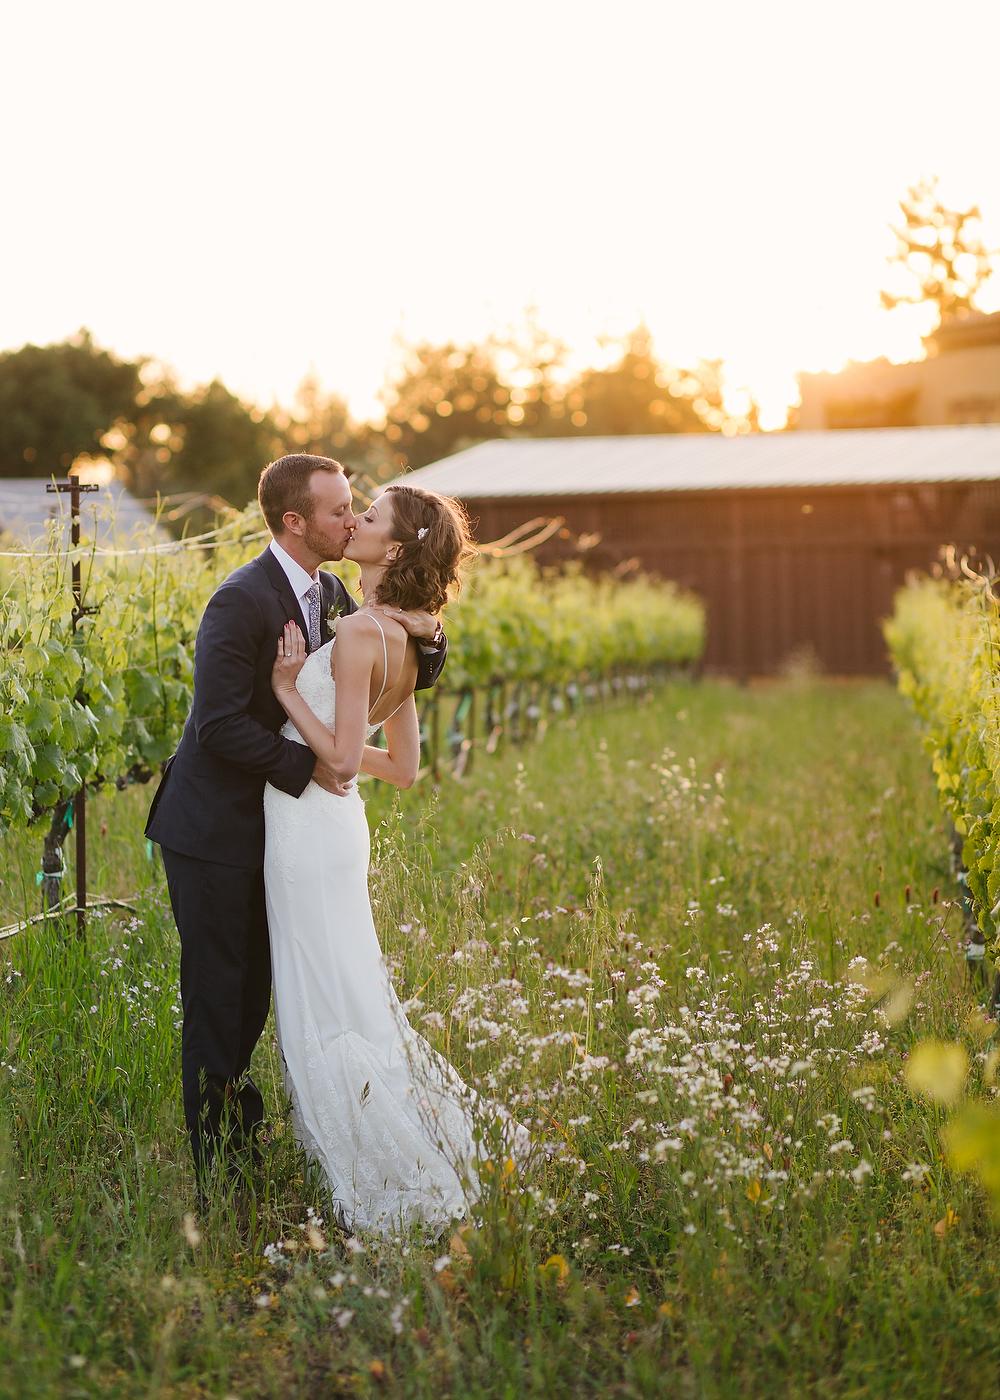 San Francisco Bay Area Wedding Photographer Regale Los Gatos 0085.JPG